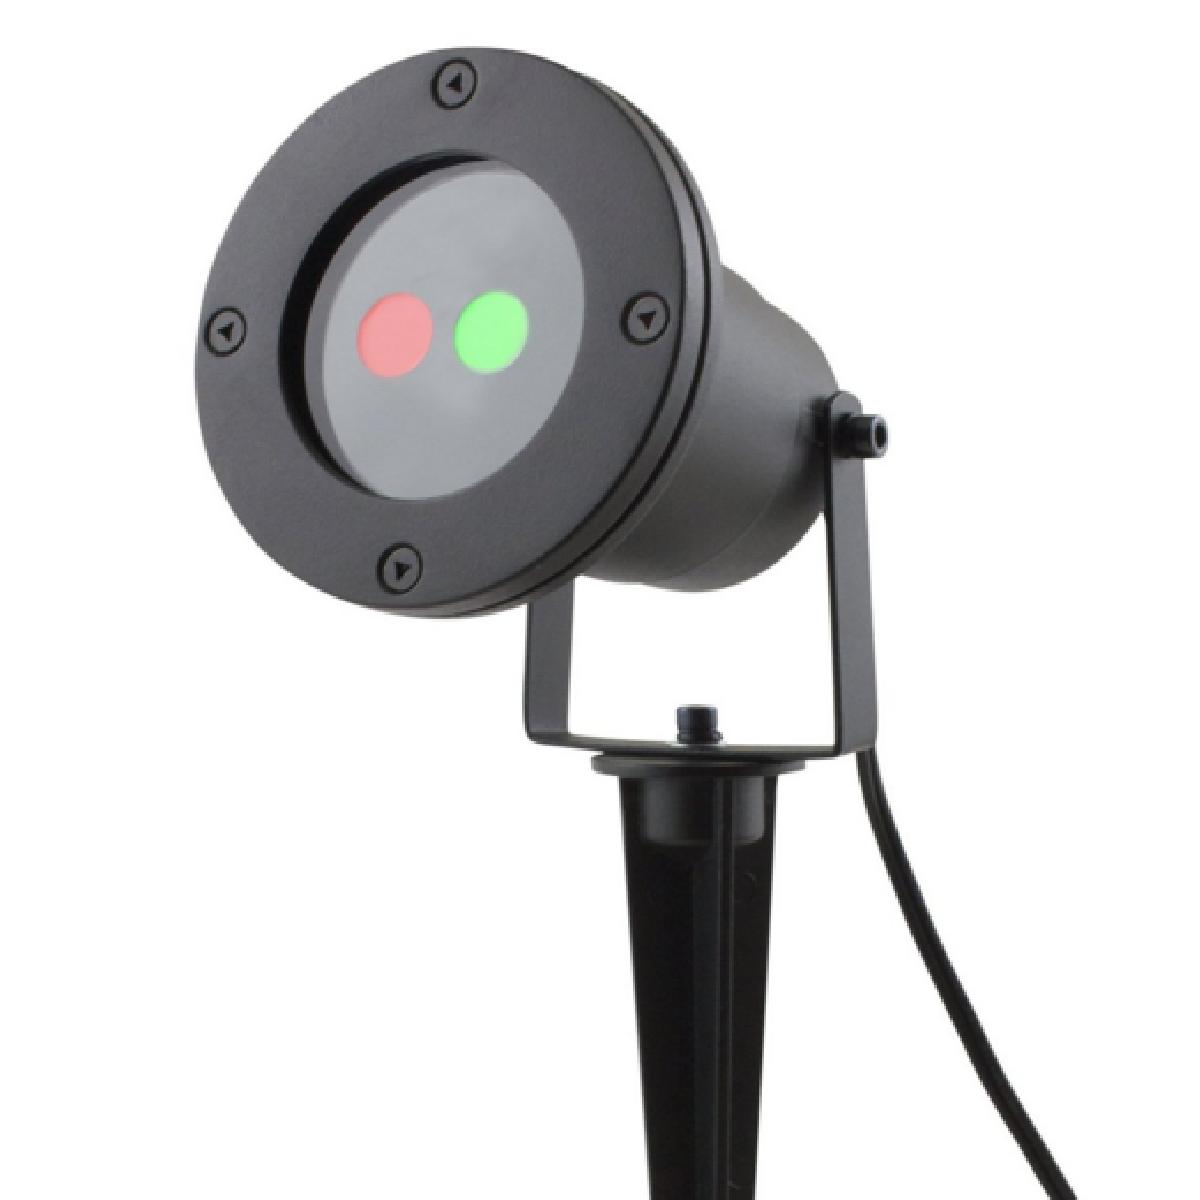 Cadeaux 2 ouf id es de cadeaux insolites et originaux le projecteur laser nigth stars pour for Projecteur laser jardin